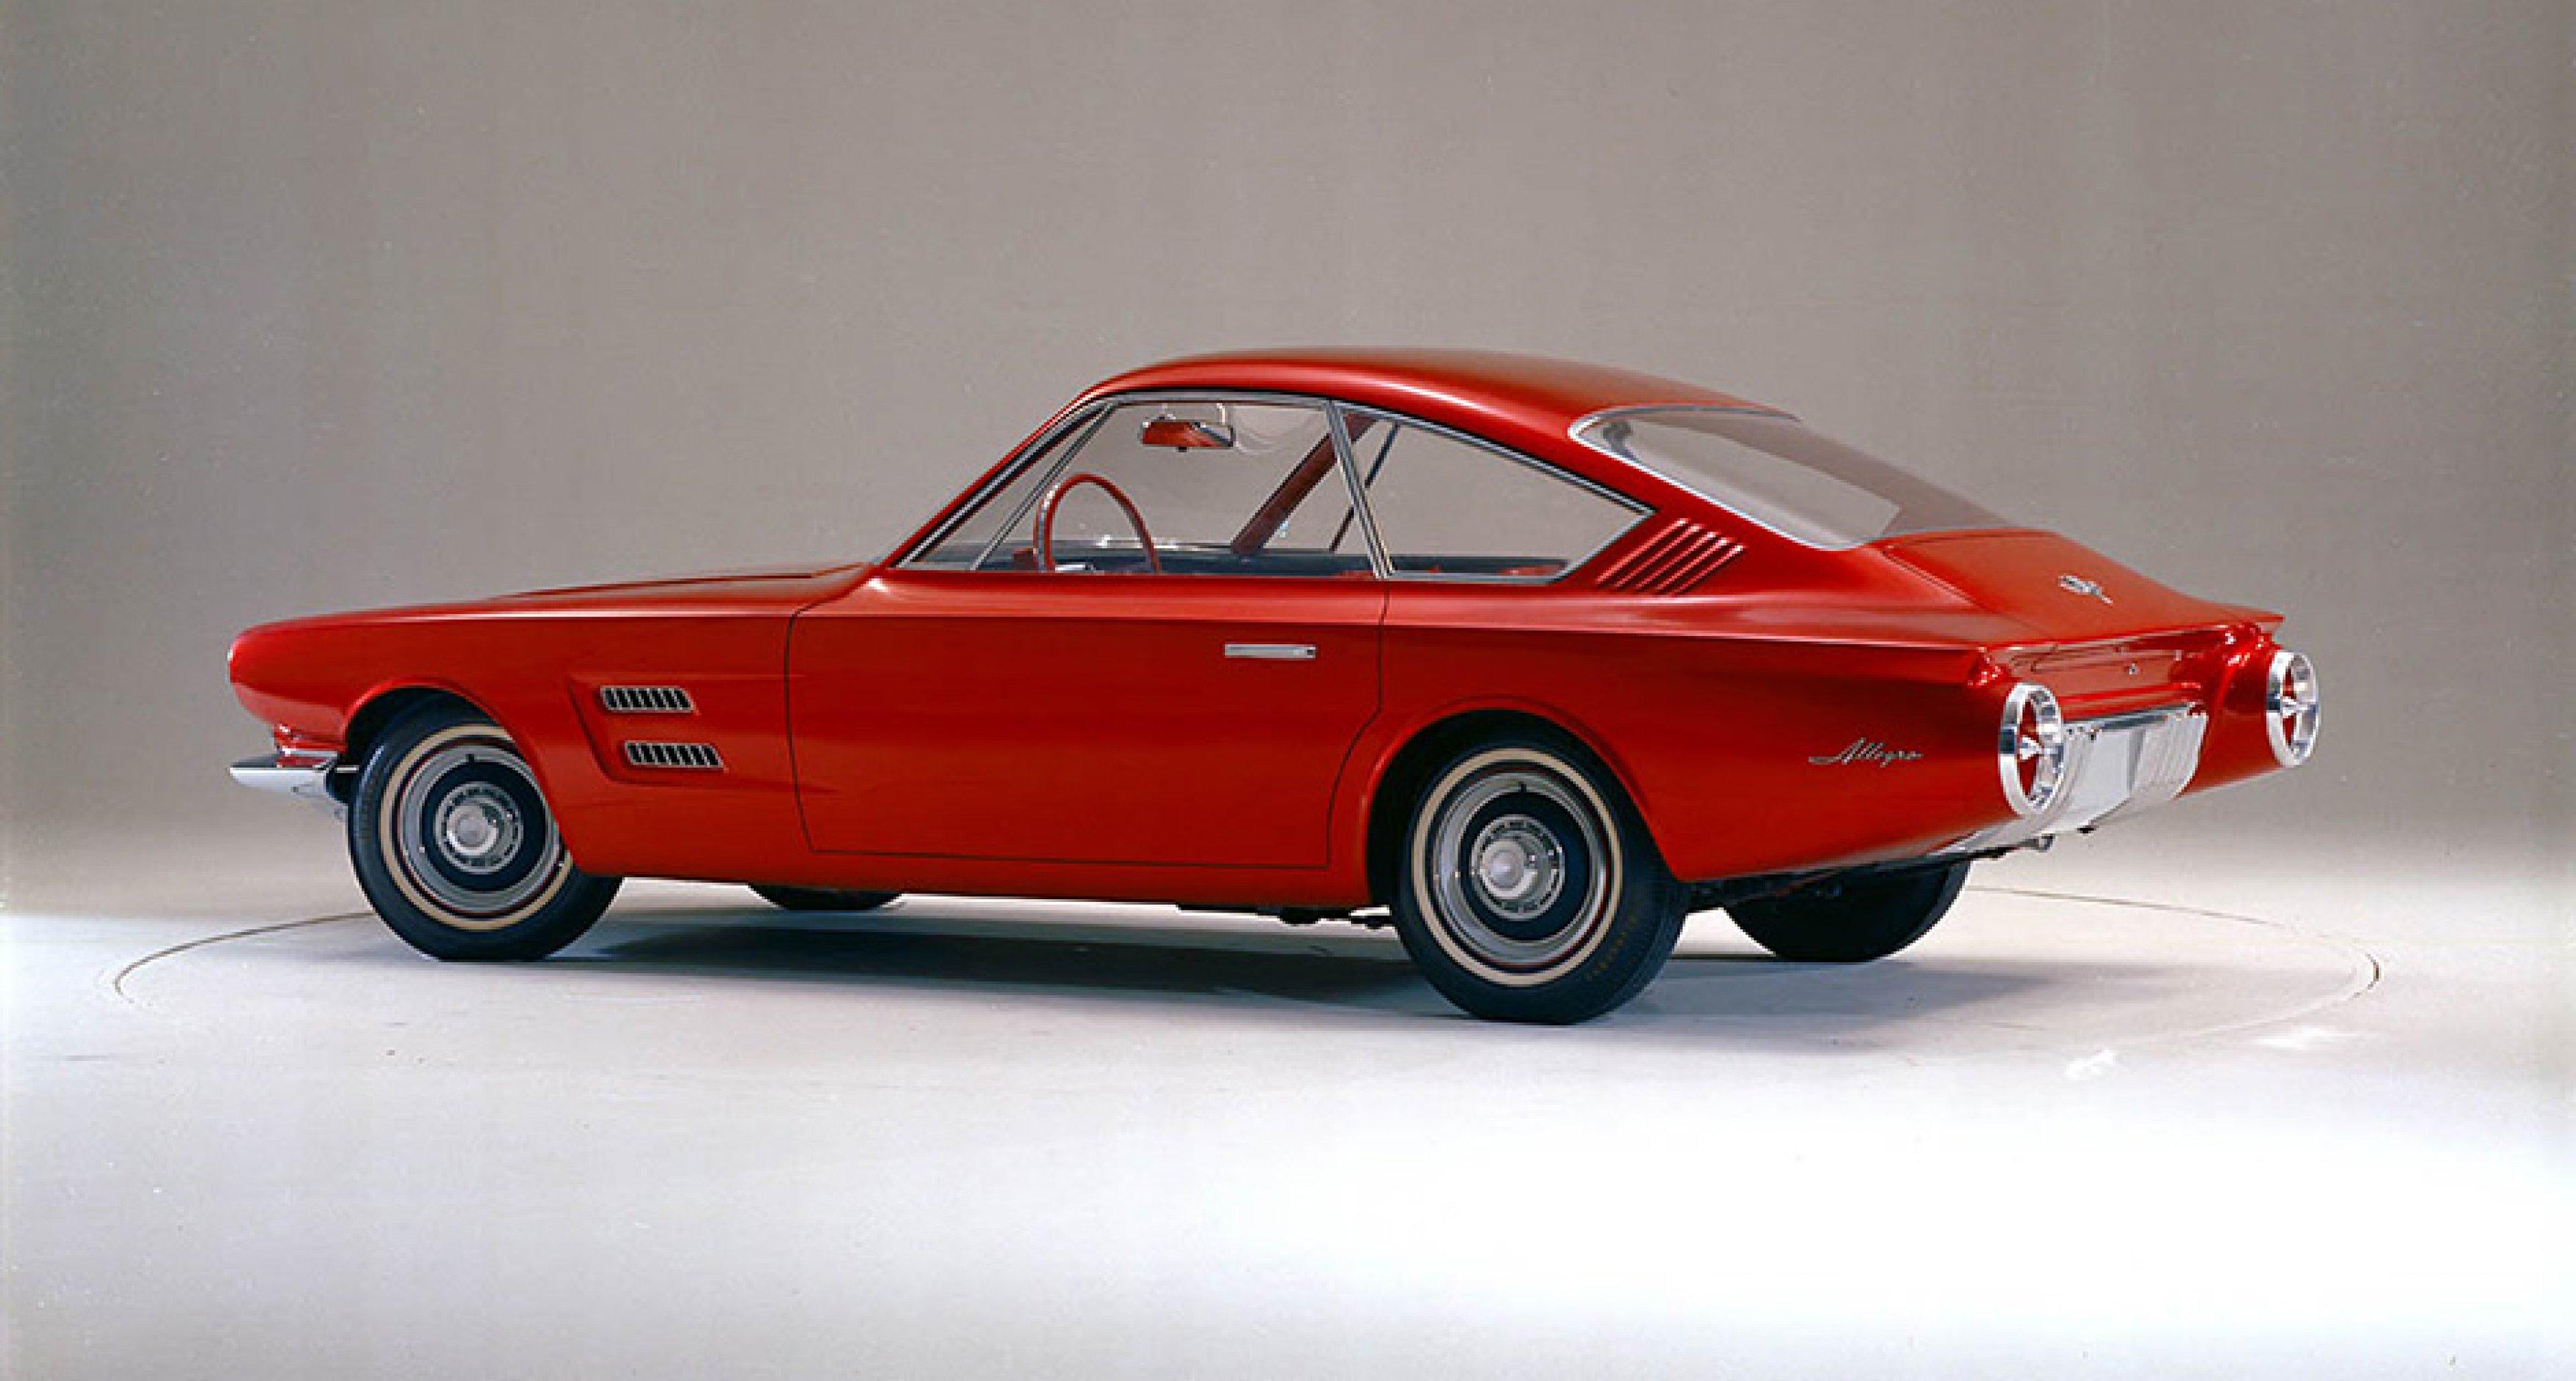 1962 Avanti/Allegro Concept